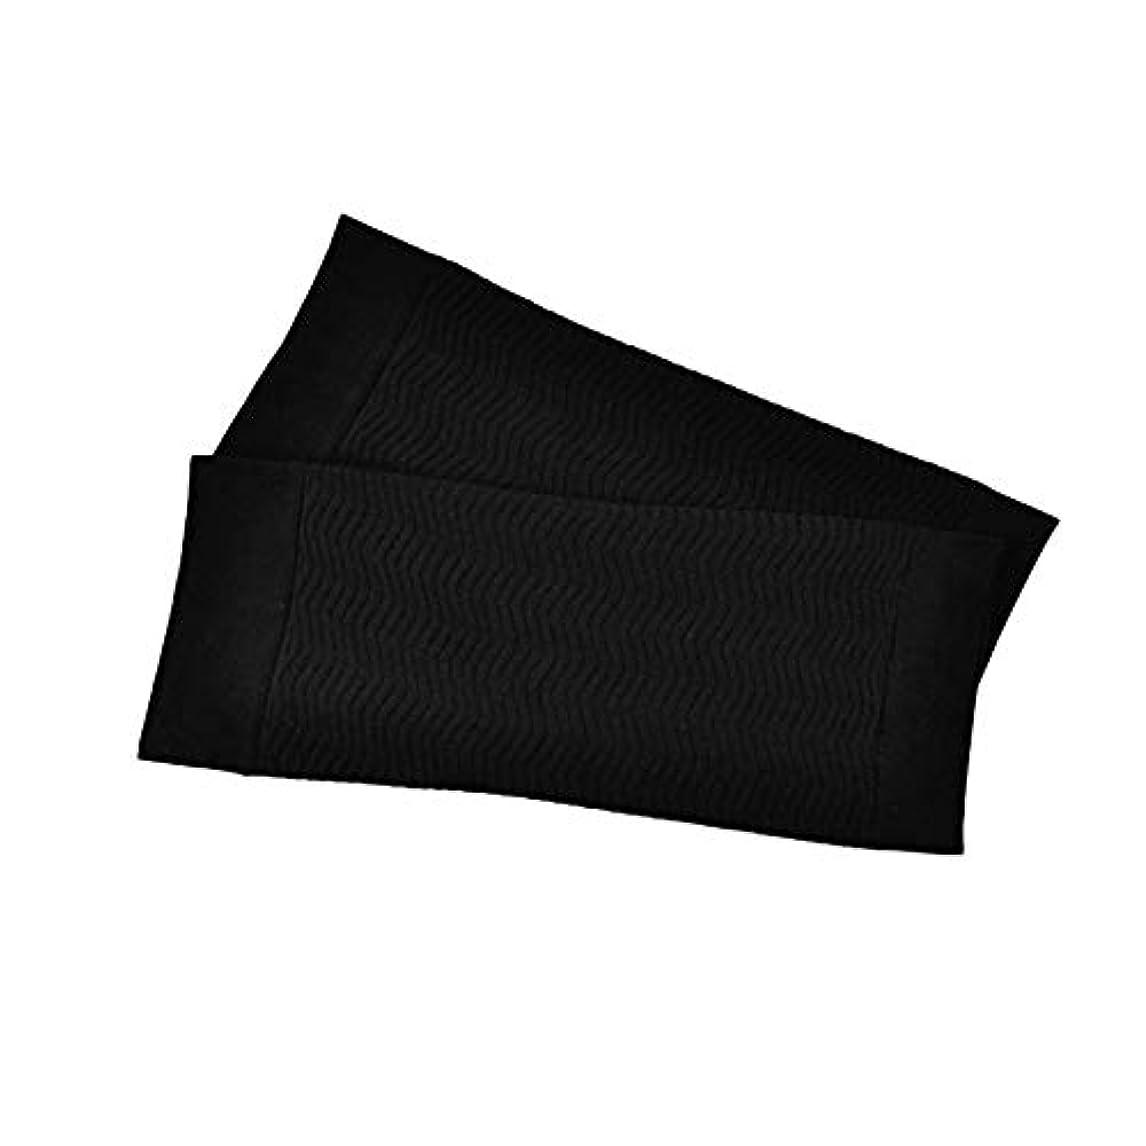 誘う選択する一致1ペア680 d圧縮アームシェイパーワークアウトトーニングバーンセルライト痩身アームスリーブ脂肪燃焼半袖用女性(Color:black)